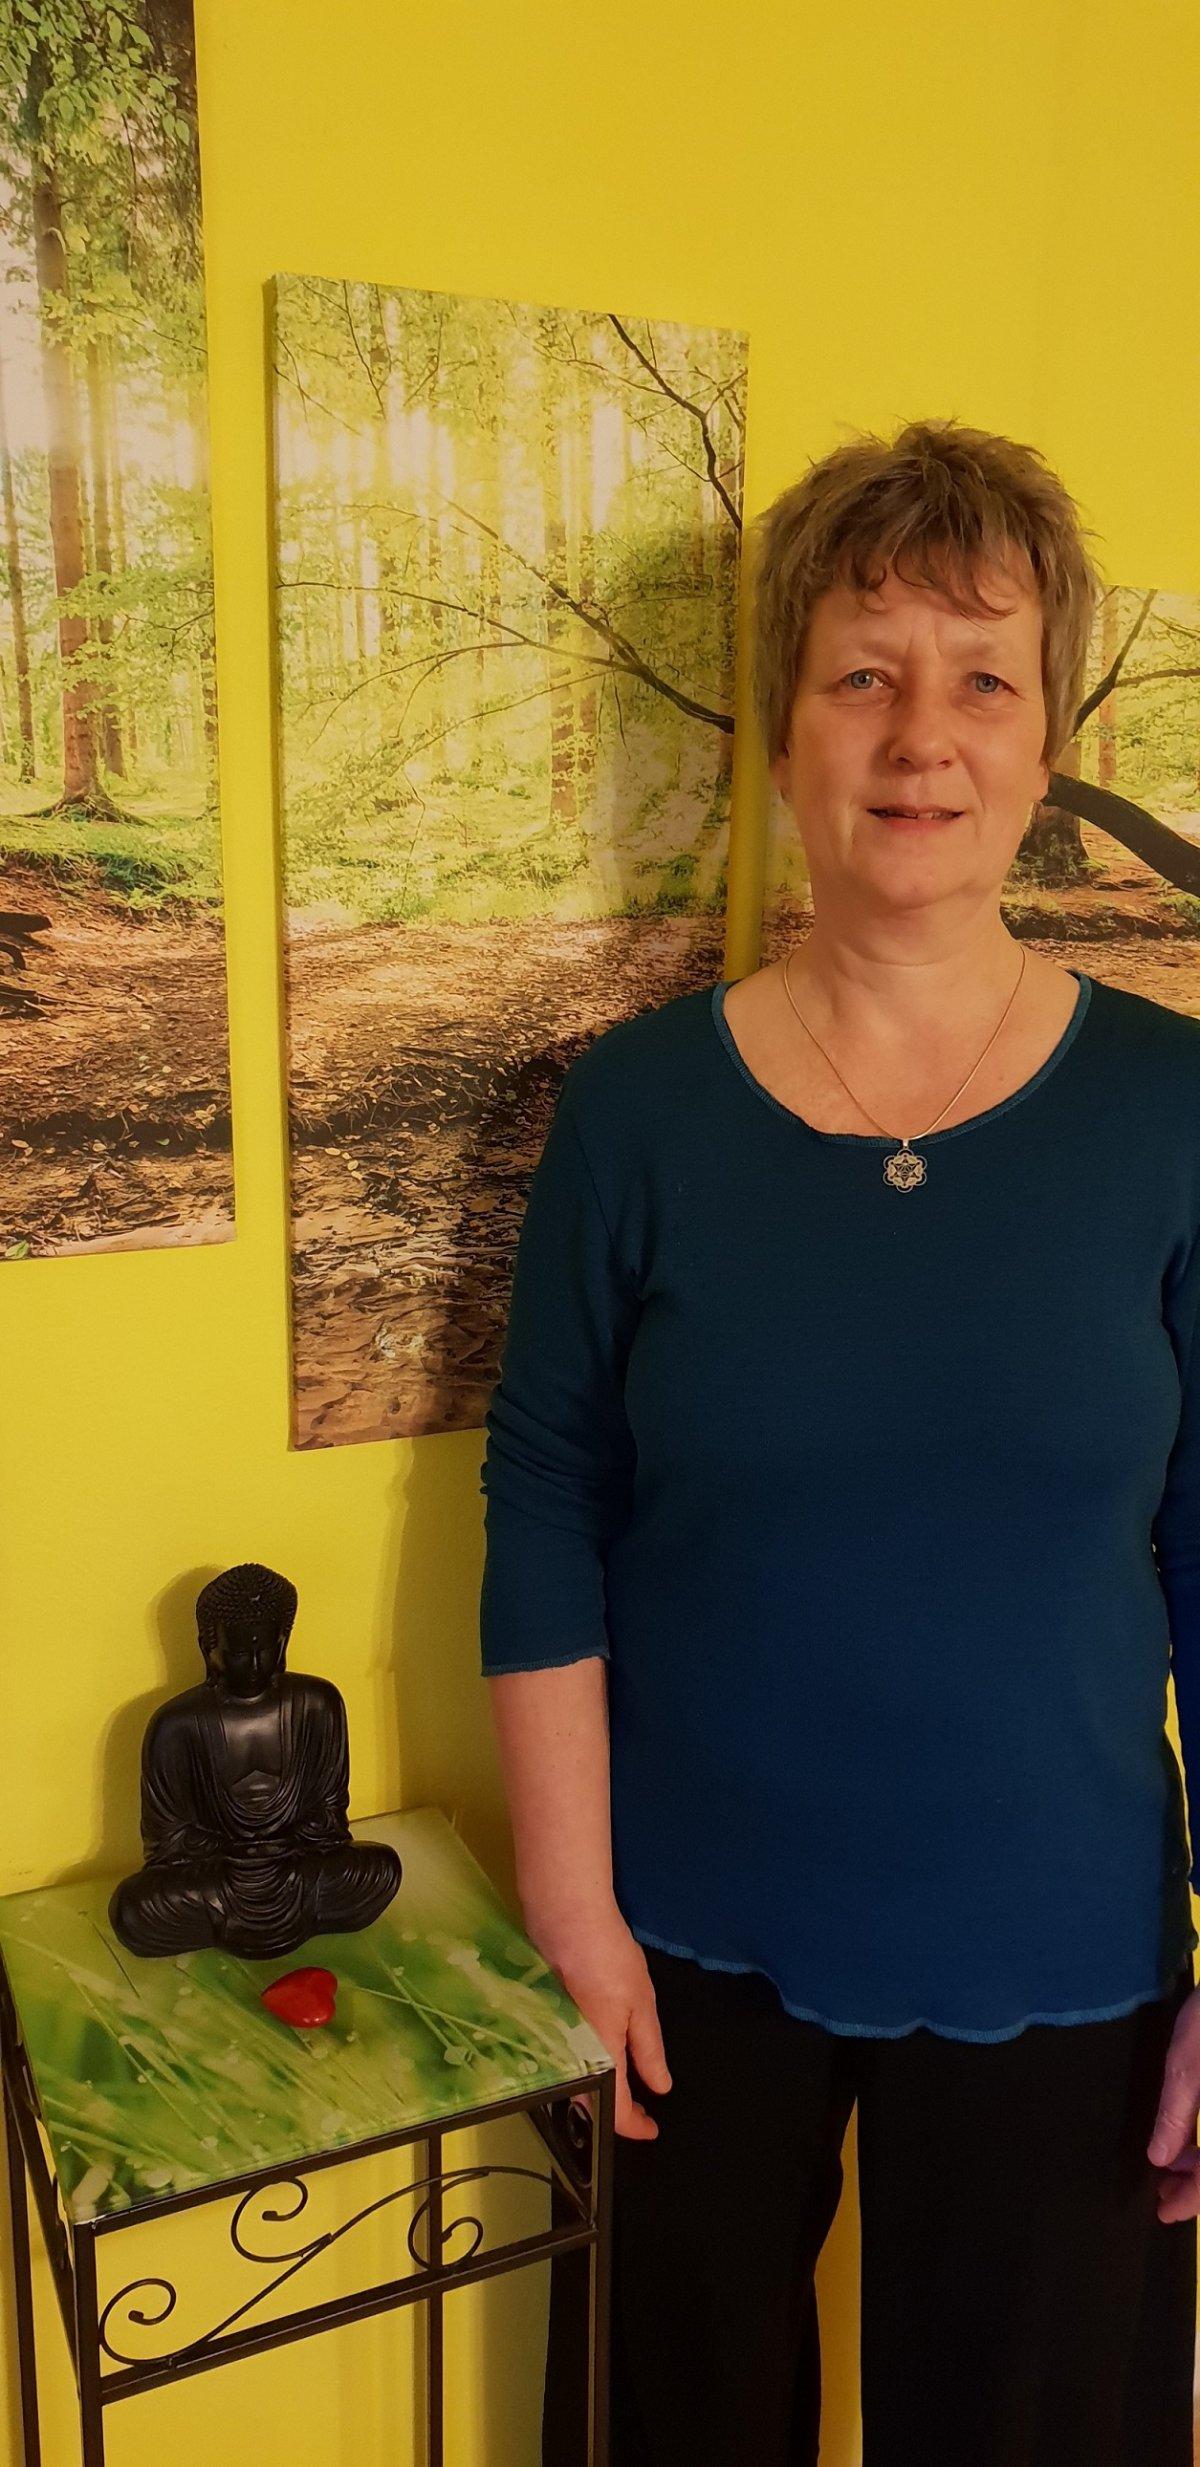 Das Foto zeigt Heike Pedinna vor einem gelben Hintergrund mit Bildern aus dem Wald. Links neben ihr steht ein kleiner Tisch mit einer Buddhafigur und einem roten Herz drauf. Sie hat kurze dunkelblonde Haare und trägt neben einem dunkelblauen Shirt eine sc